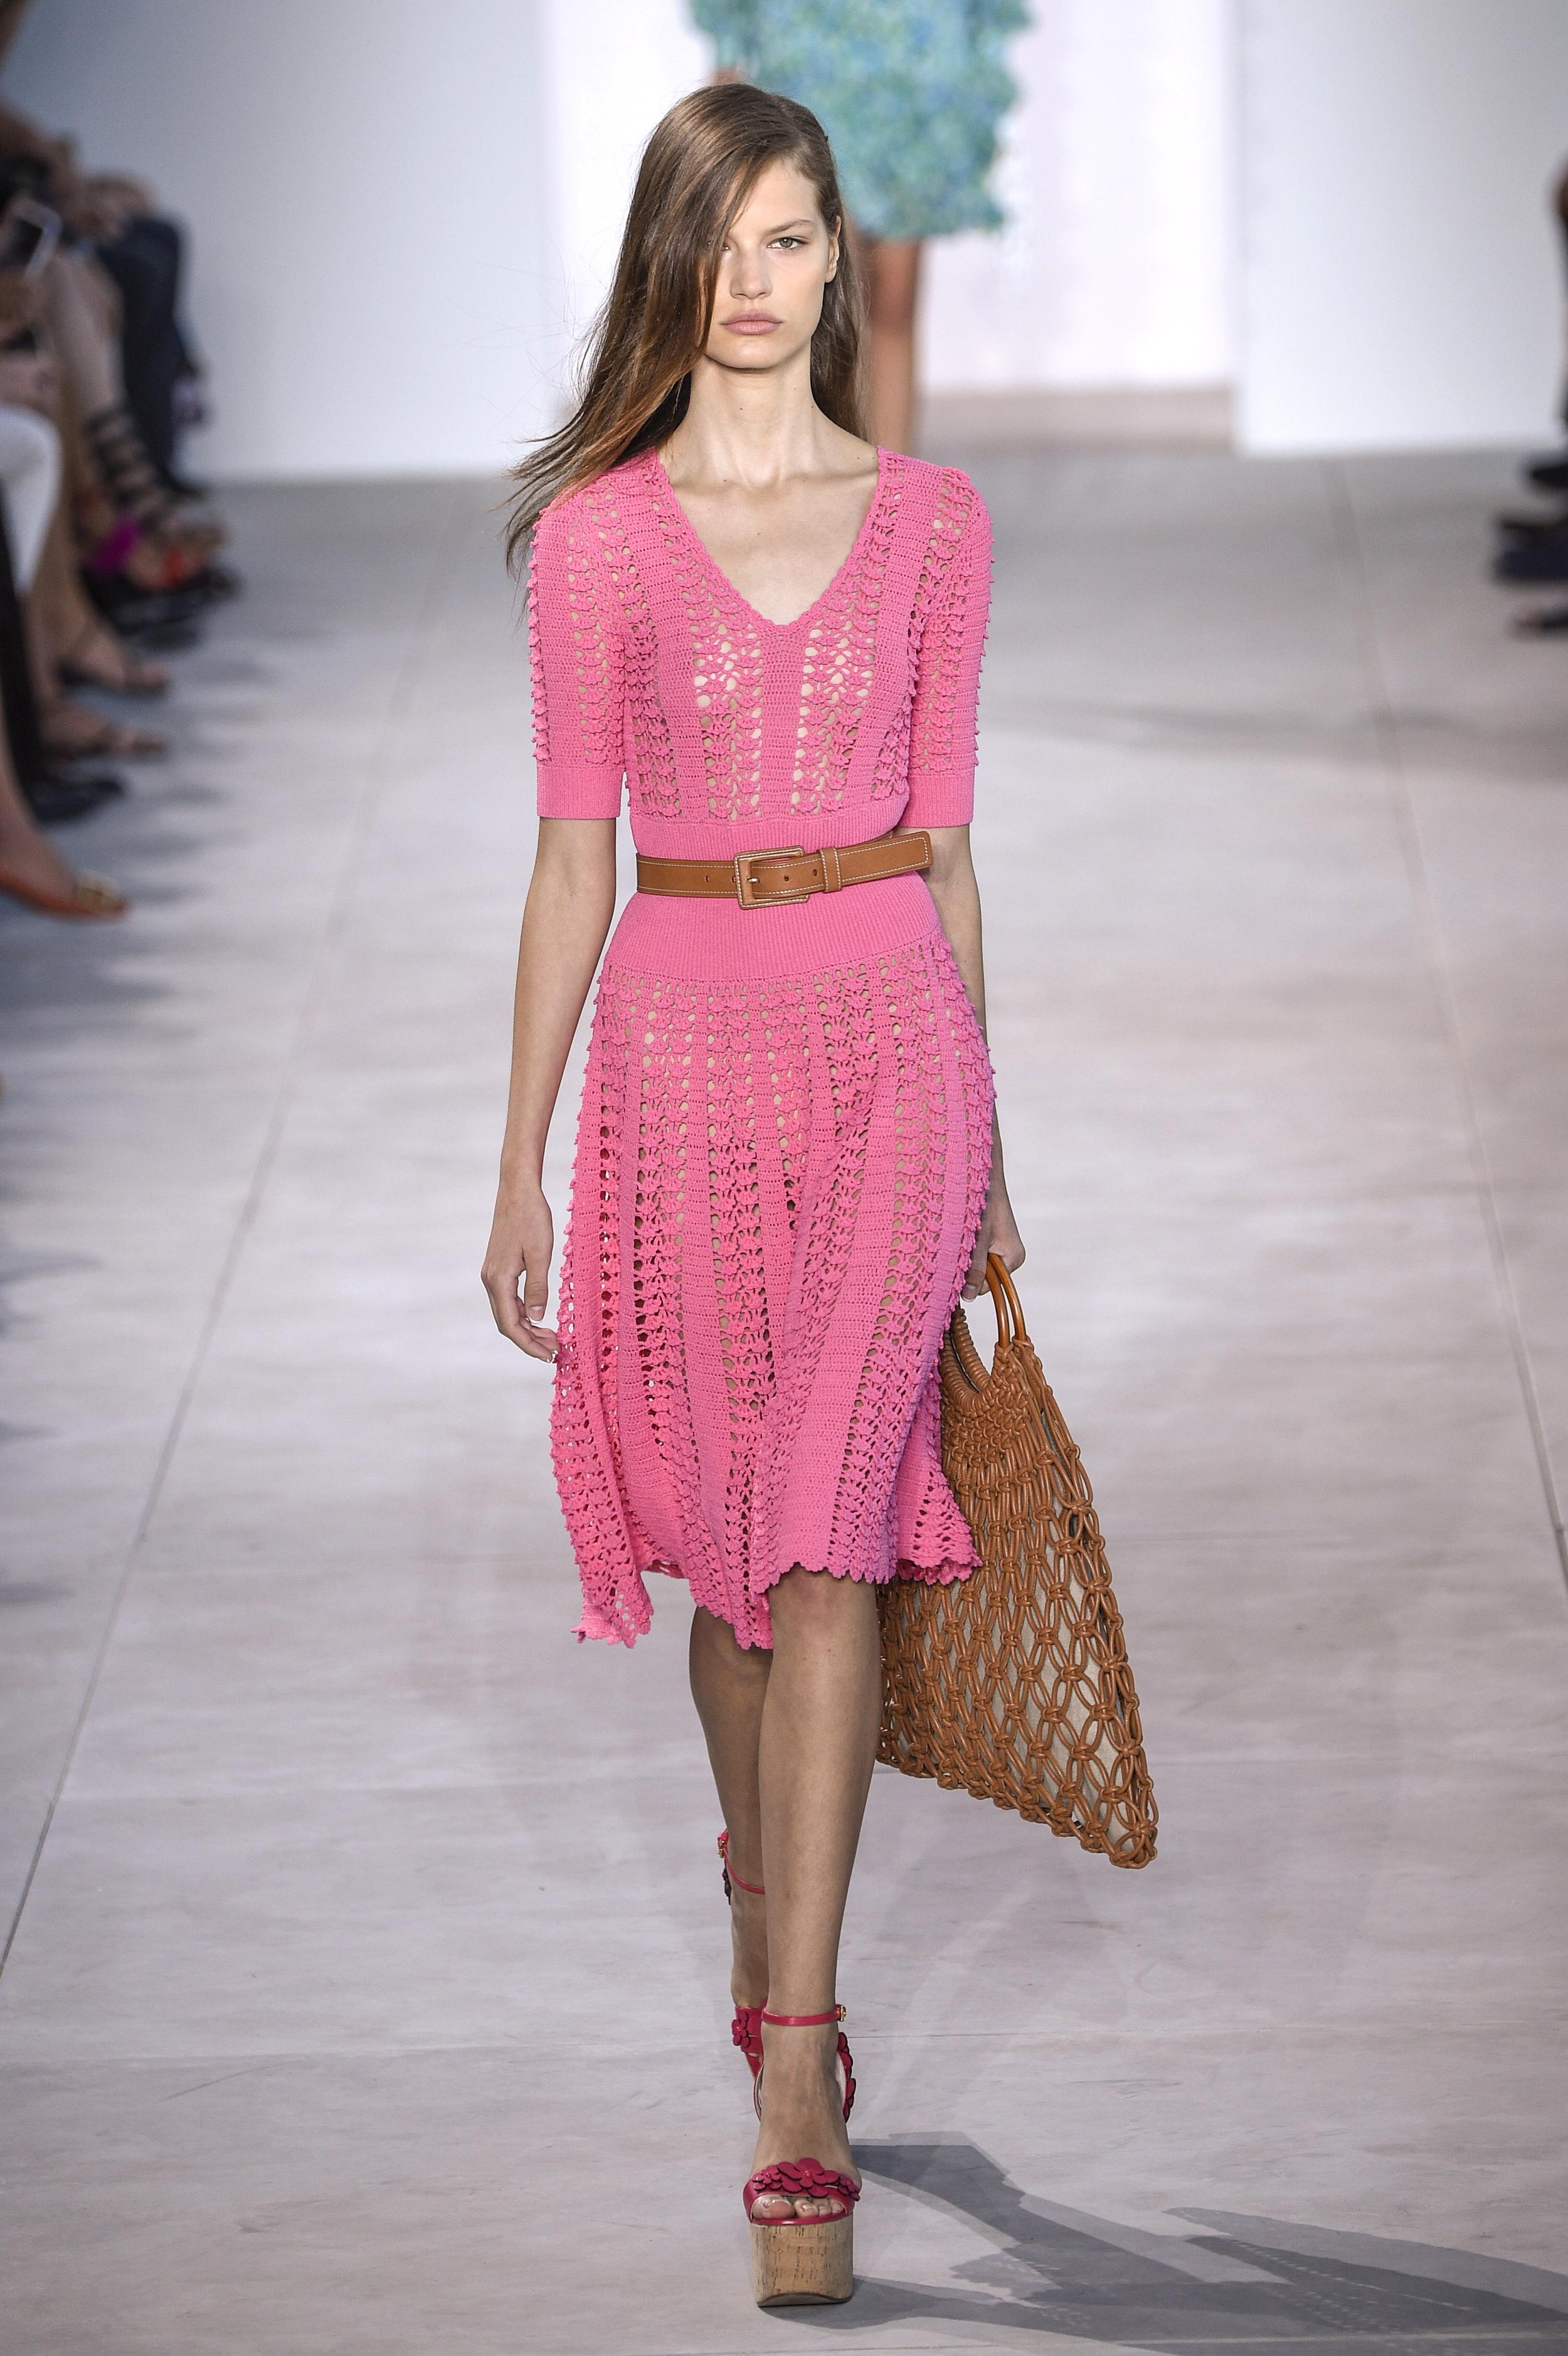 New York Fashion Week Spring/Summer: Michael Kors kombiniert die Netztasche zu einem knalligen Netzkleid (ddp images)